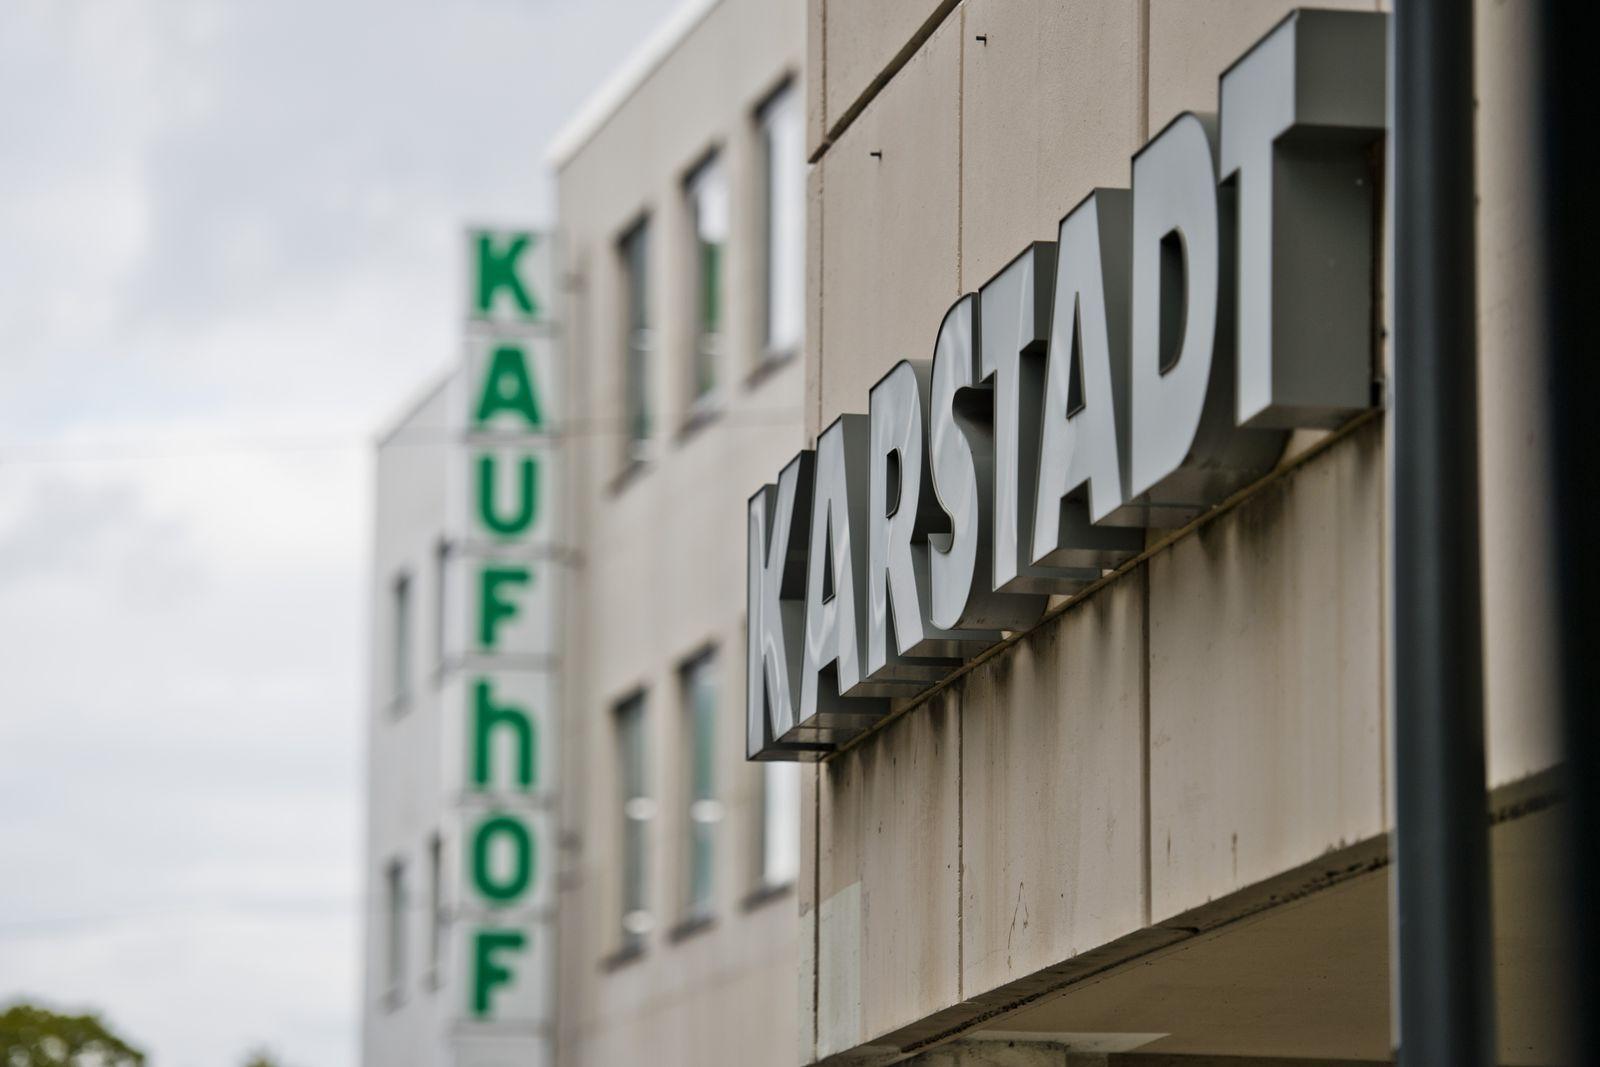 Kaufhof / Karstadt